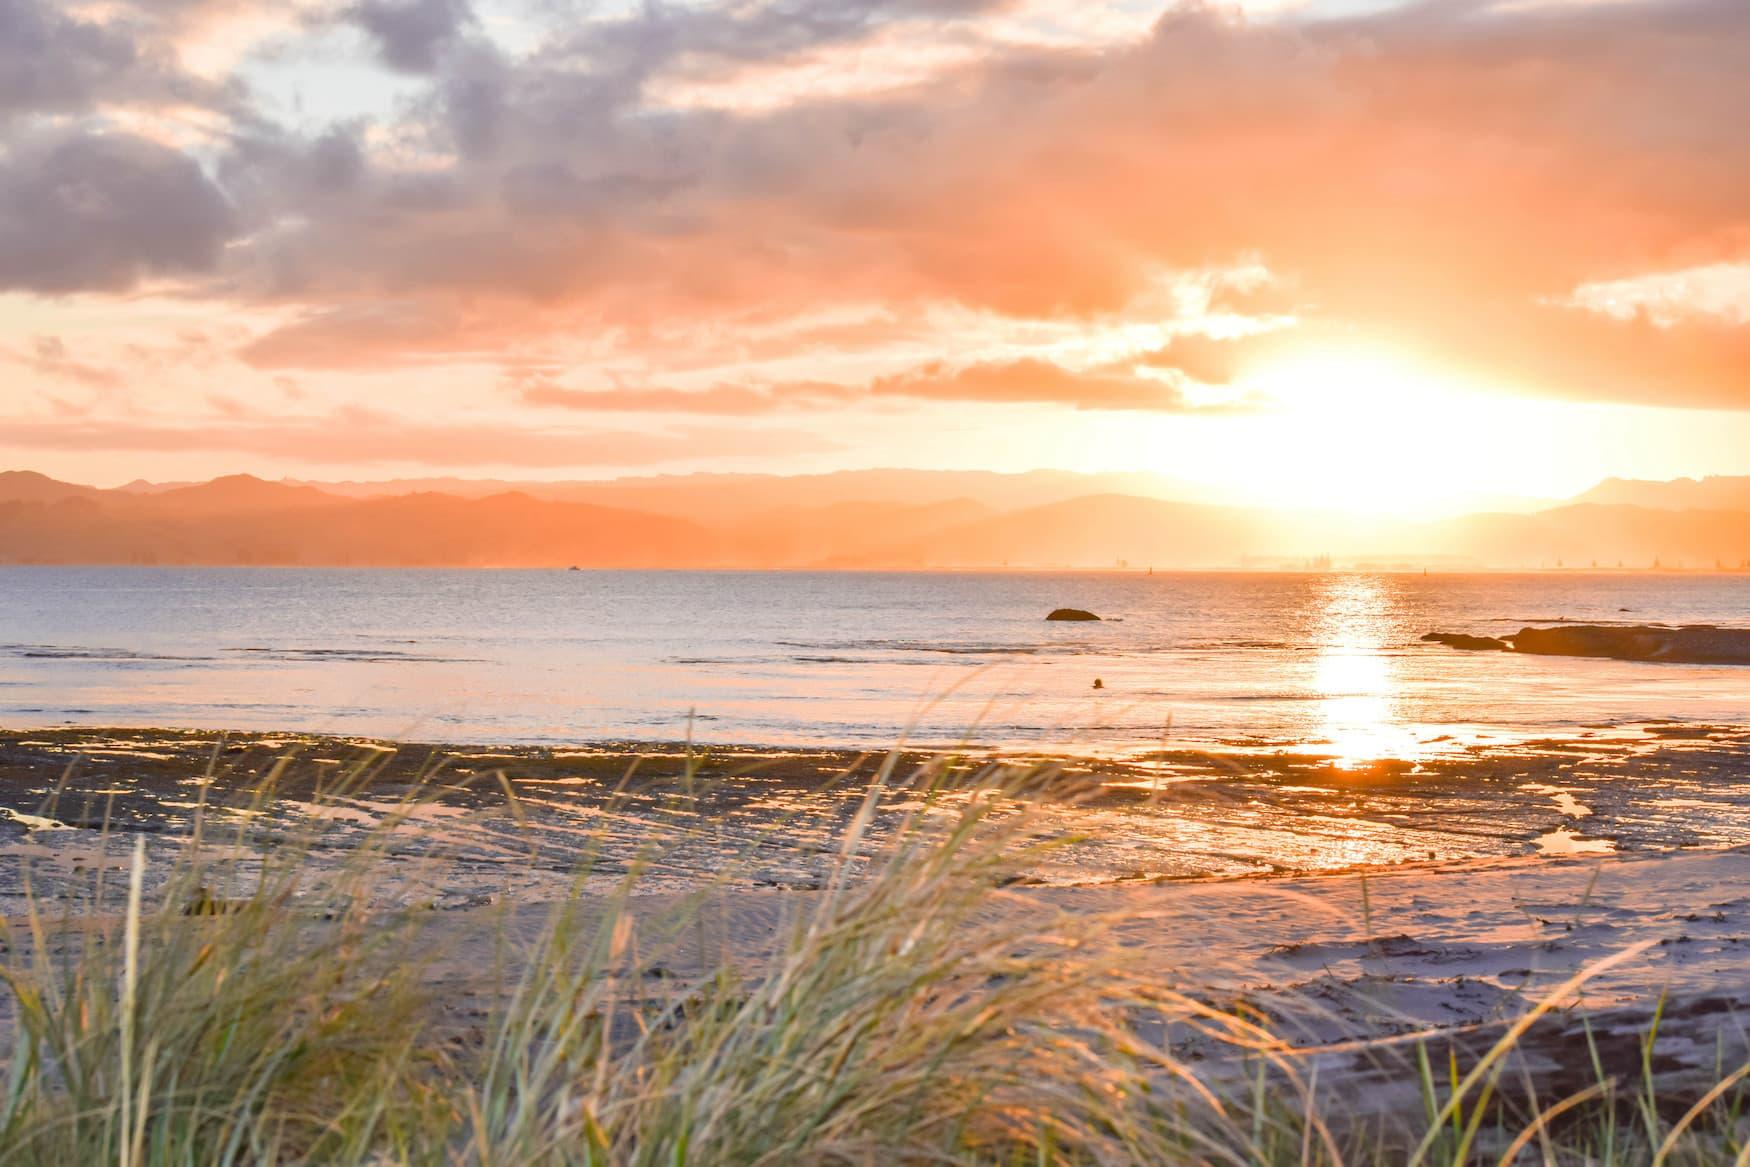 Sonnenuntergang am Strand von Gisborne